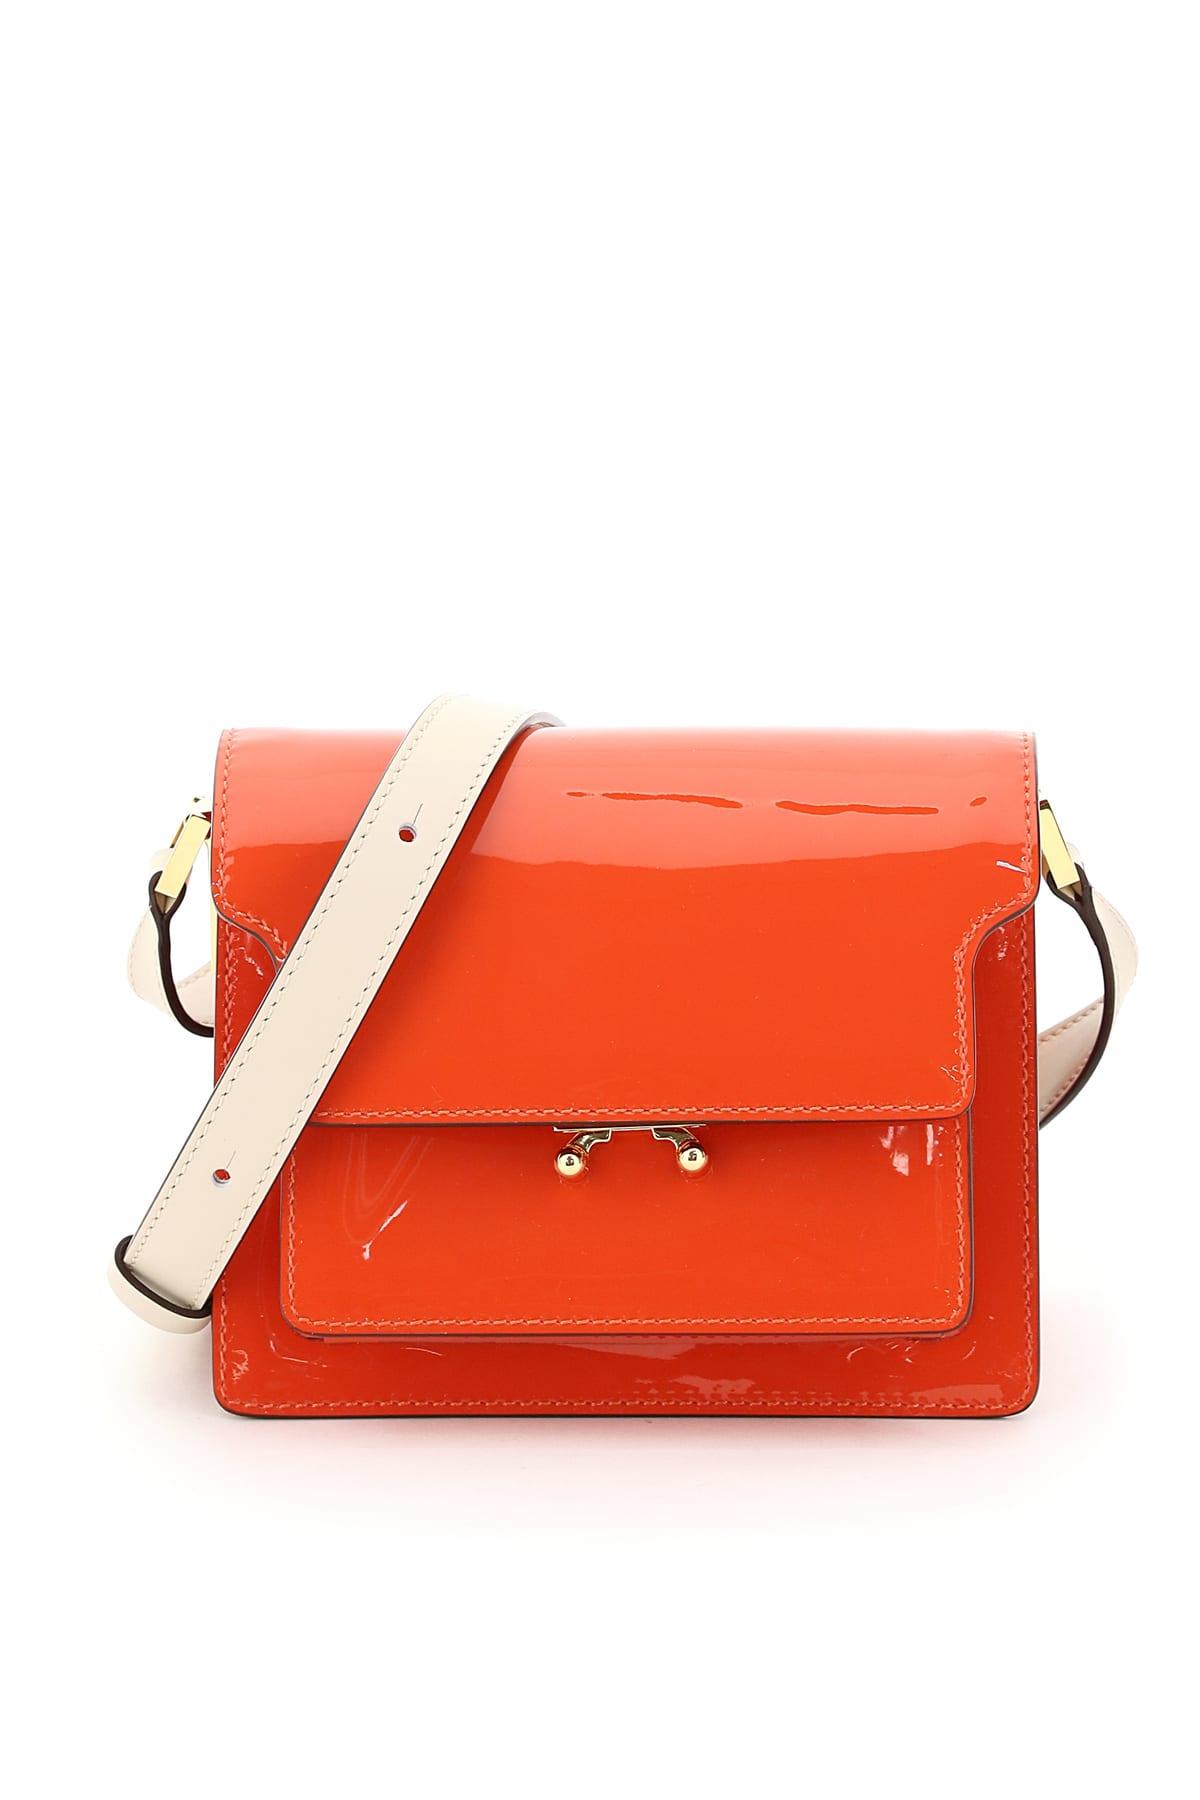 Marni Bags NEW TRUNK MINI SHOULDER BAG